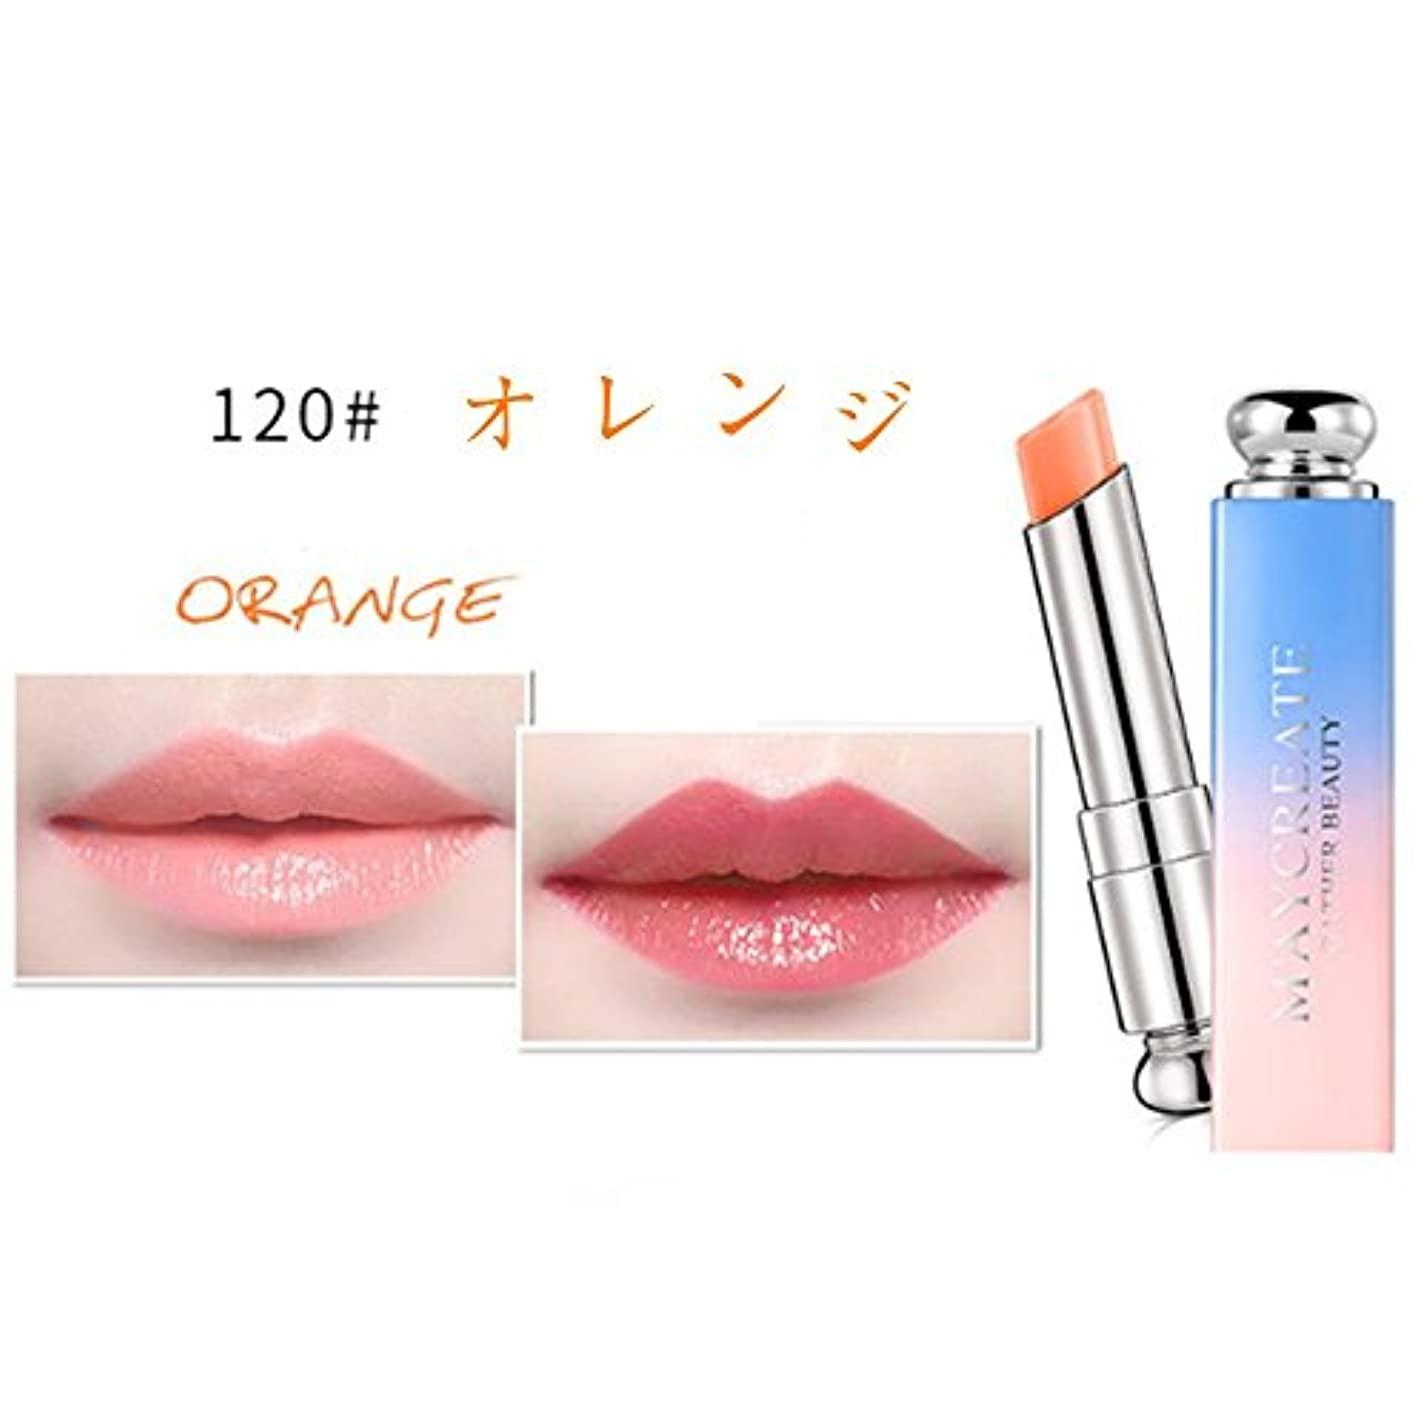 実行続けるリースリップスティック うるおい 口紅 唇の温度で色が変化するリップ 優れる発色力 保湿 長持ち 3.8g (120#)